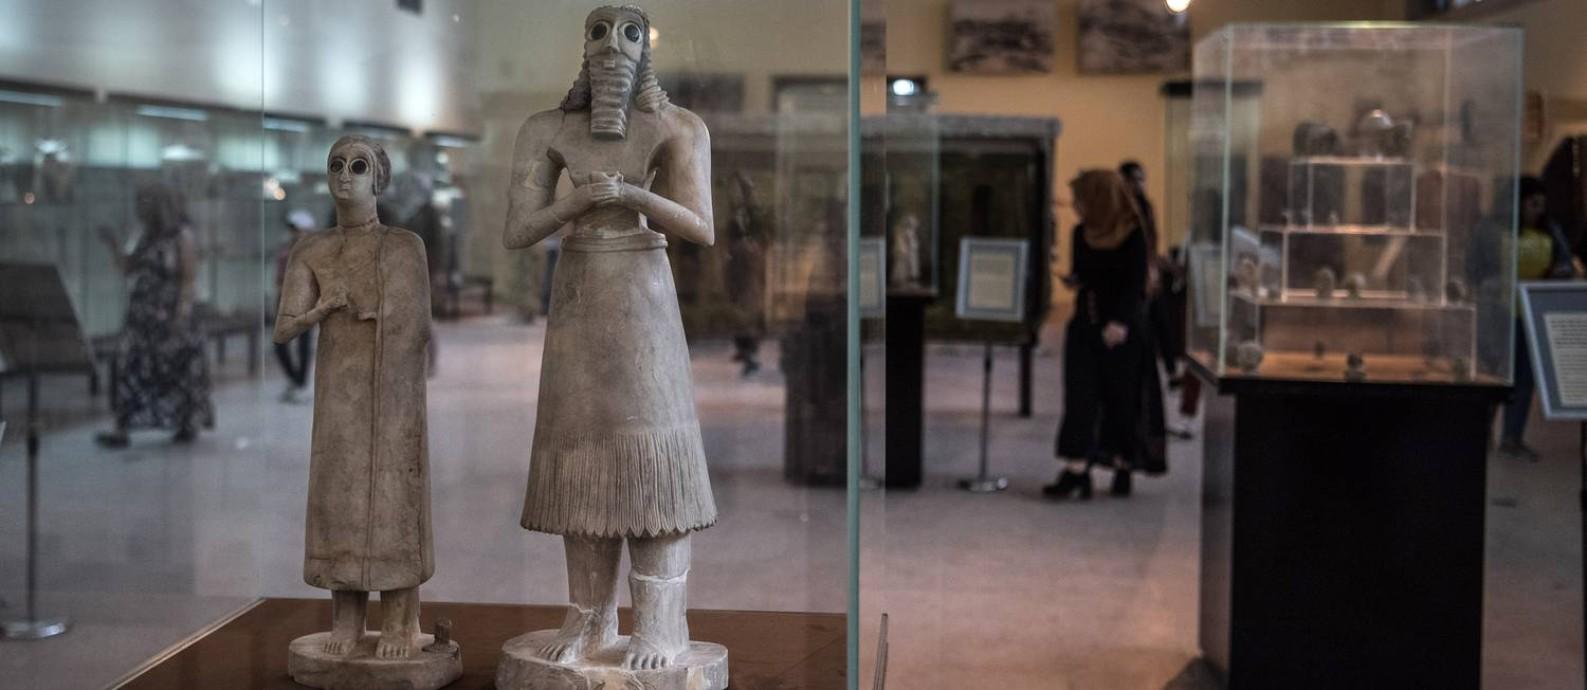 Estátuas datadas de 2800-2600 a.C. no Museu do Iraque, em Bagdá Foto: SERGEY PONOMAREV / NYT